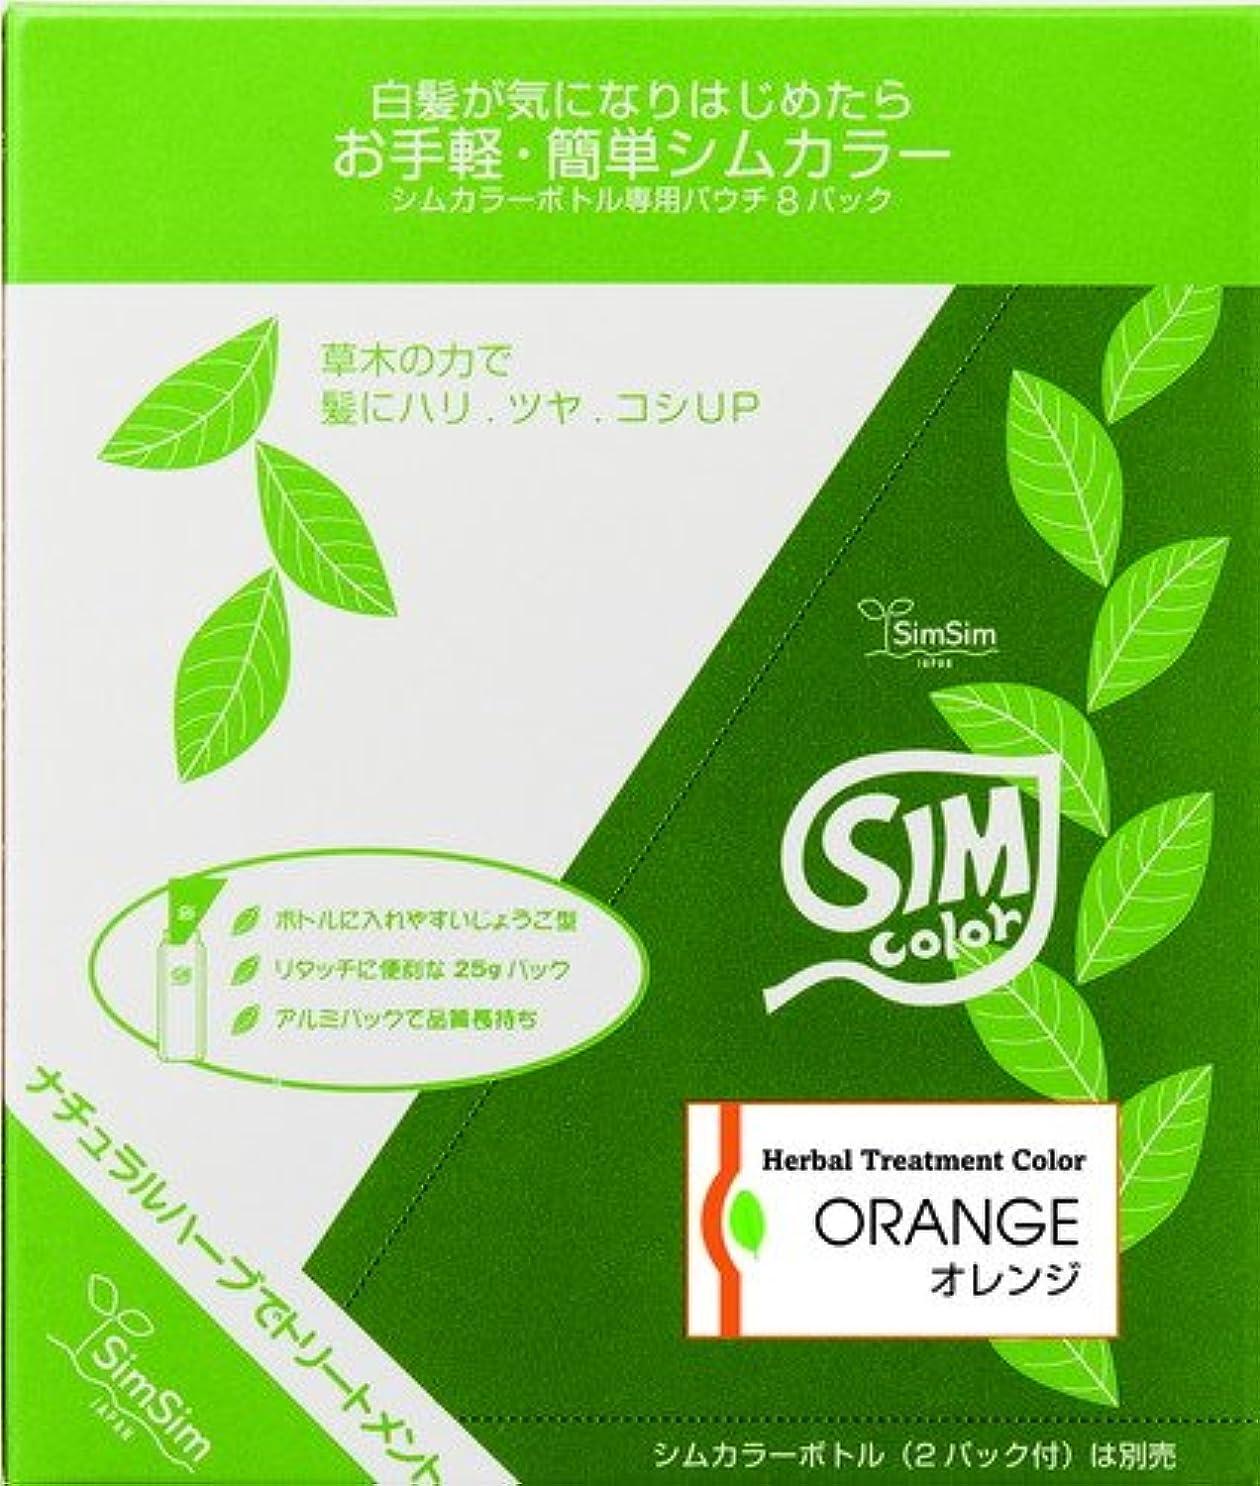 断言する可聴無臭SimSim(シムシム)お手軽簡単シムカラーエクストラ(EX)25g 8袋 オレンジ